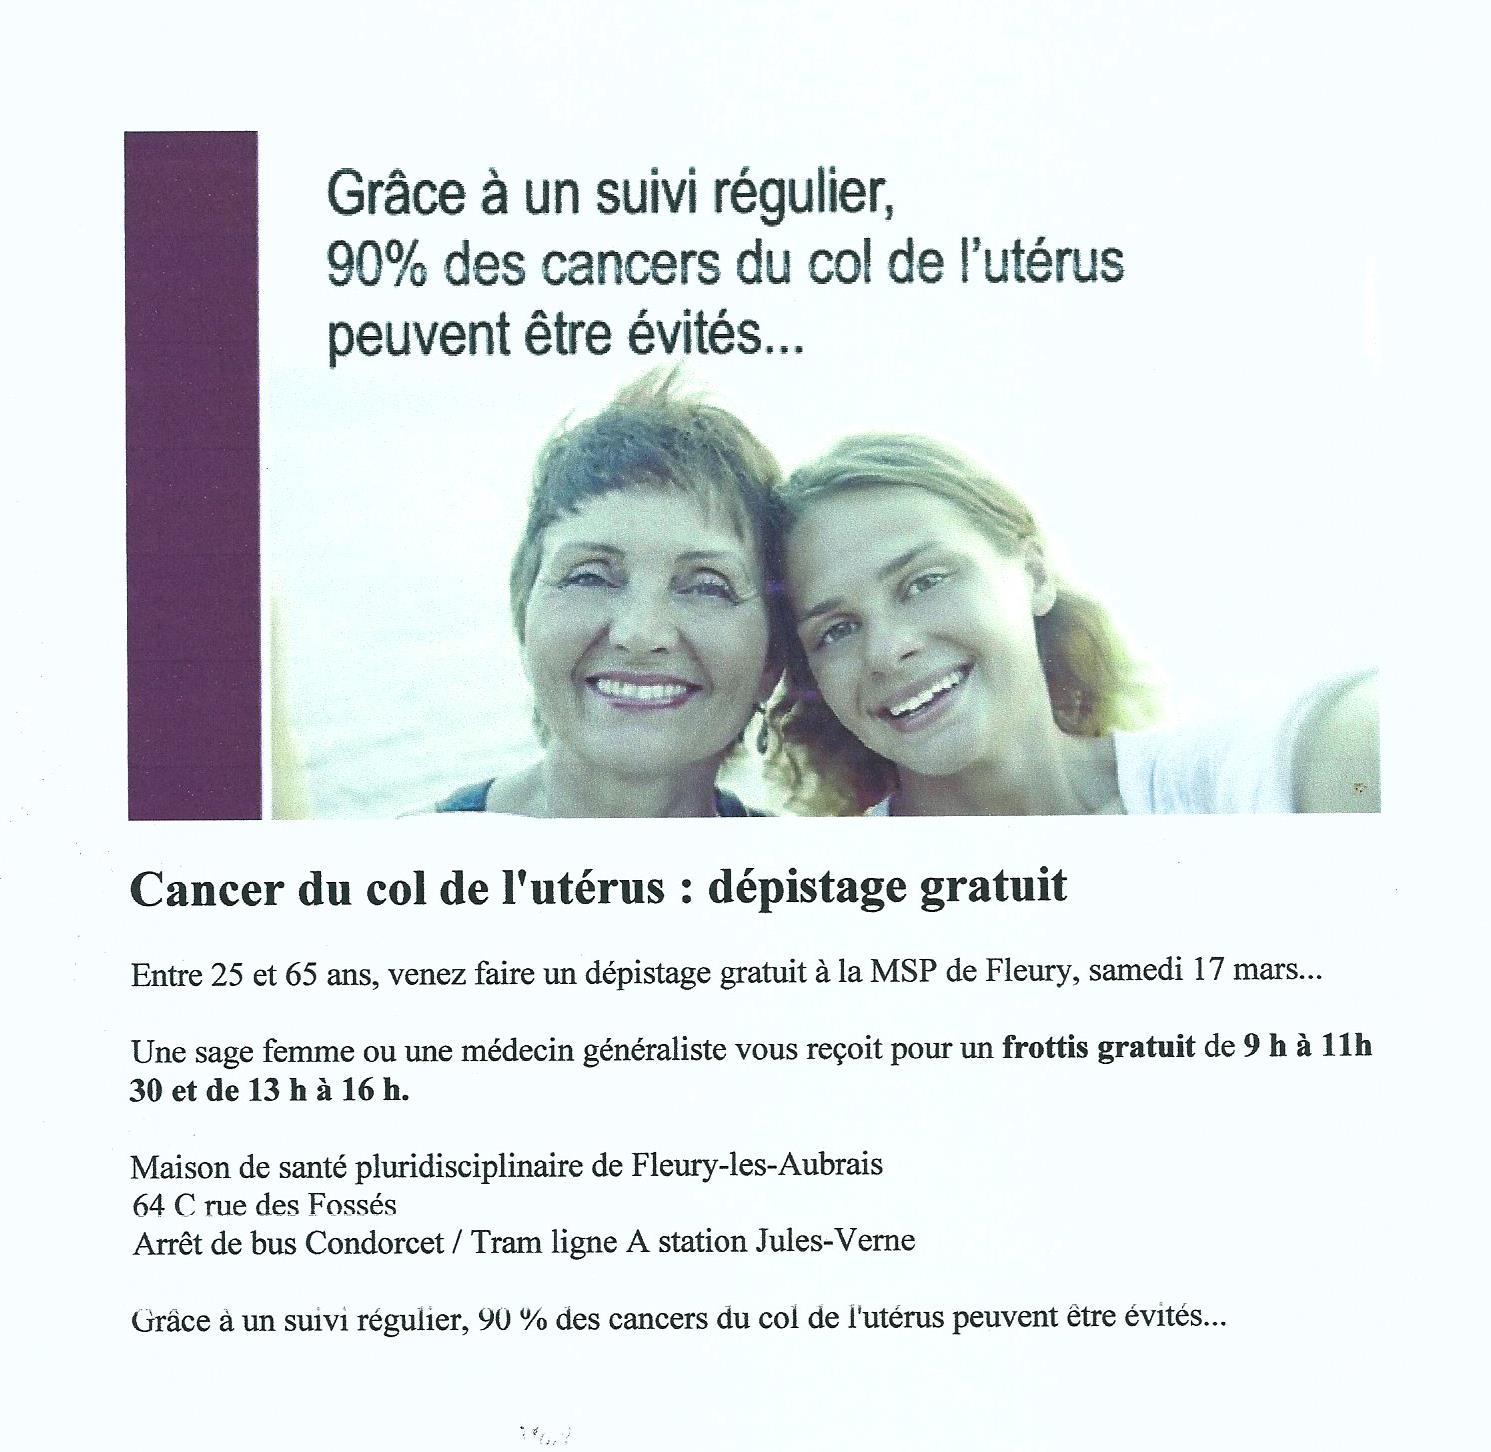 Scan Affiche Cancer de l'utérus. dépistage gratuit.2018 (17.03.2018).jpg